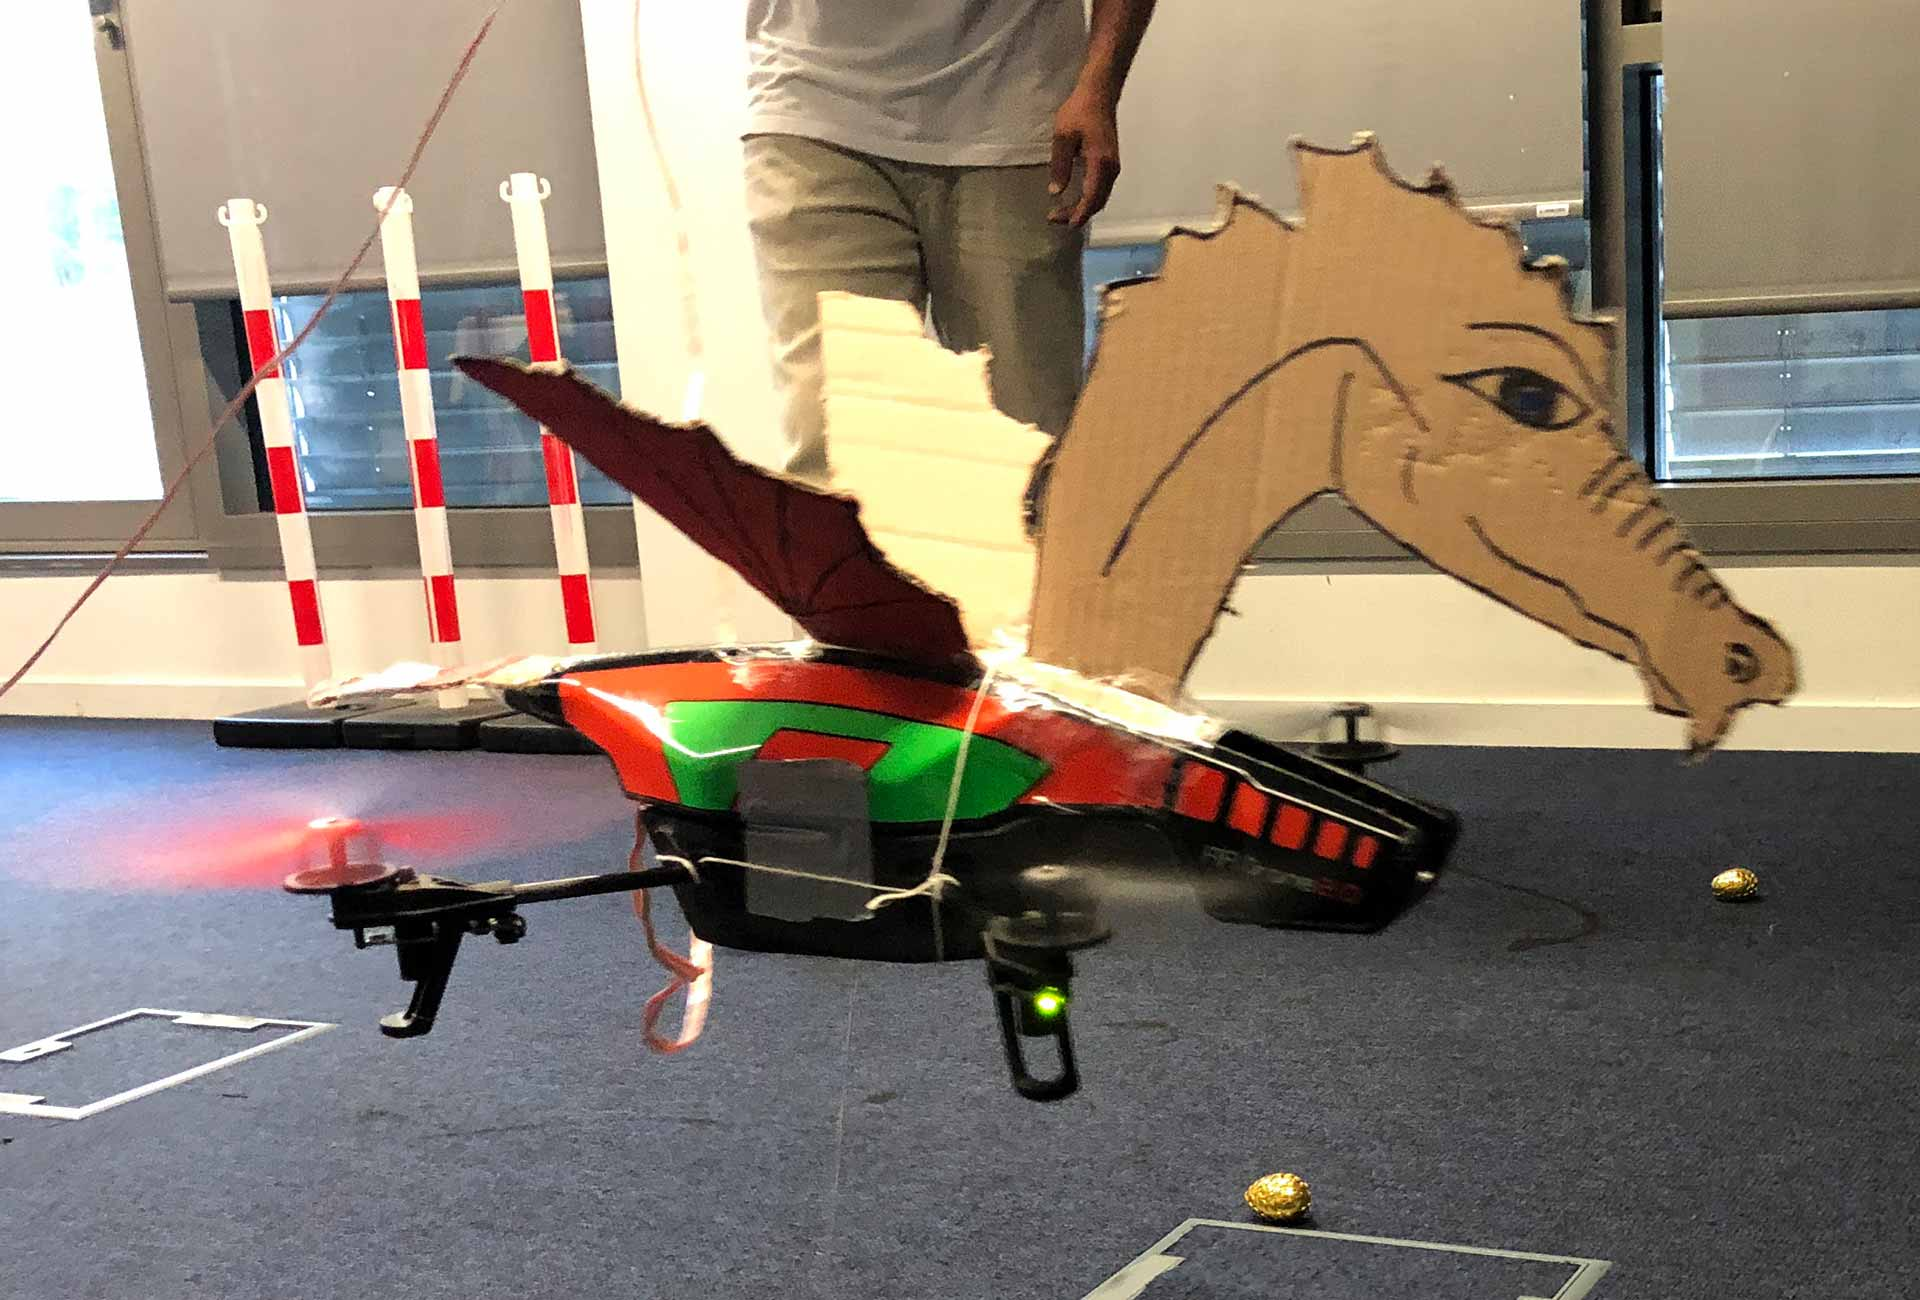 Team Building drones - Lyon : Game of Drones